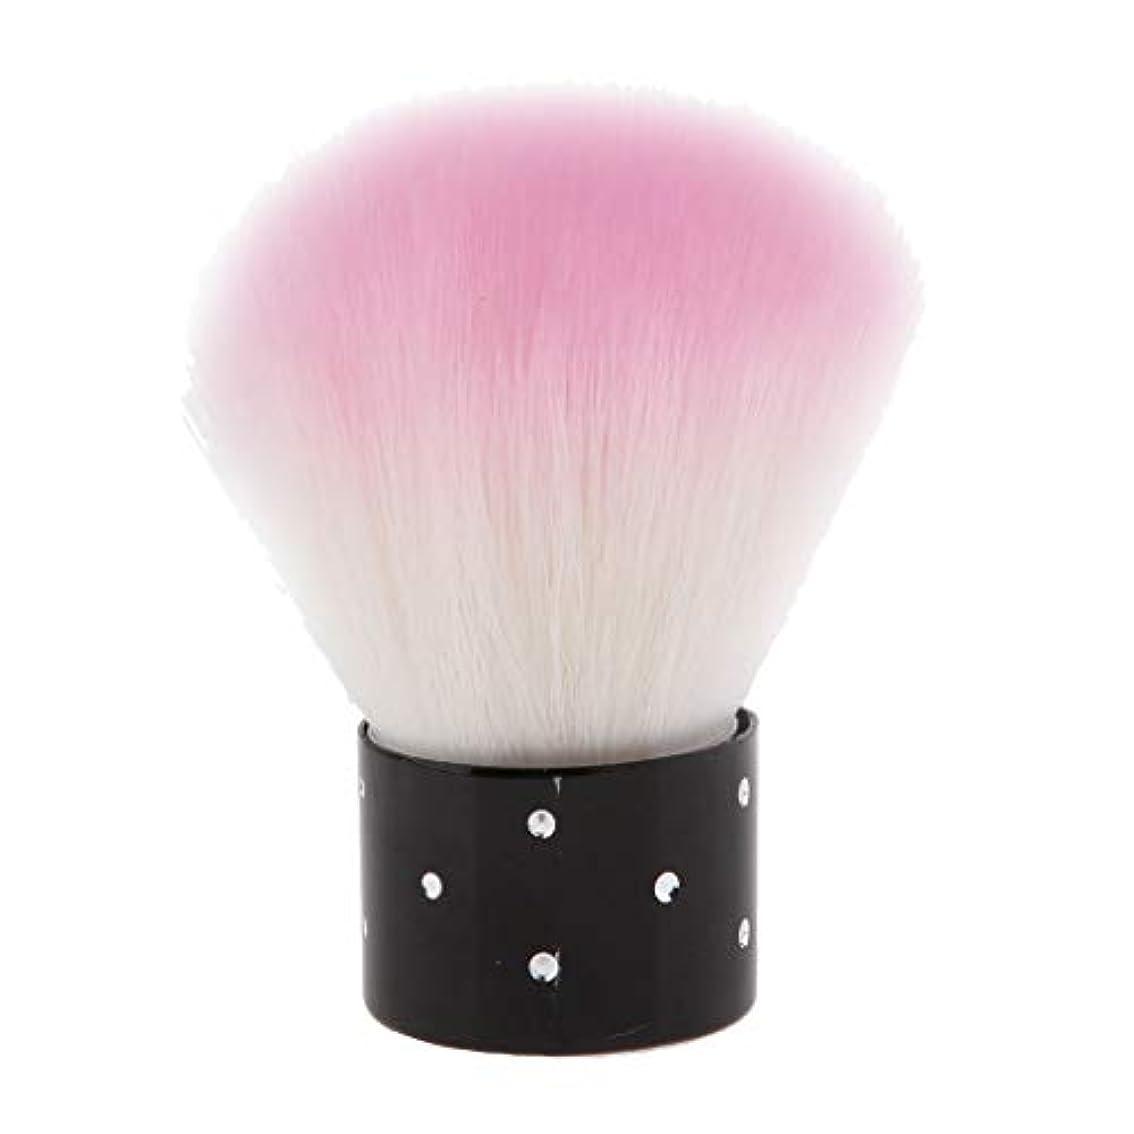 小石冬メタルラインFenteer メイクブラシ 化粧筆 チークブラシ パウダーブラシ フェイスブラシ ピンク 携帯便利 柔らかい